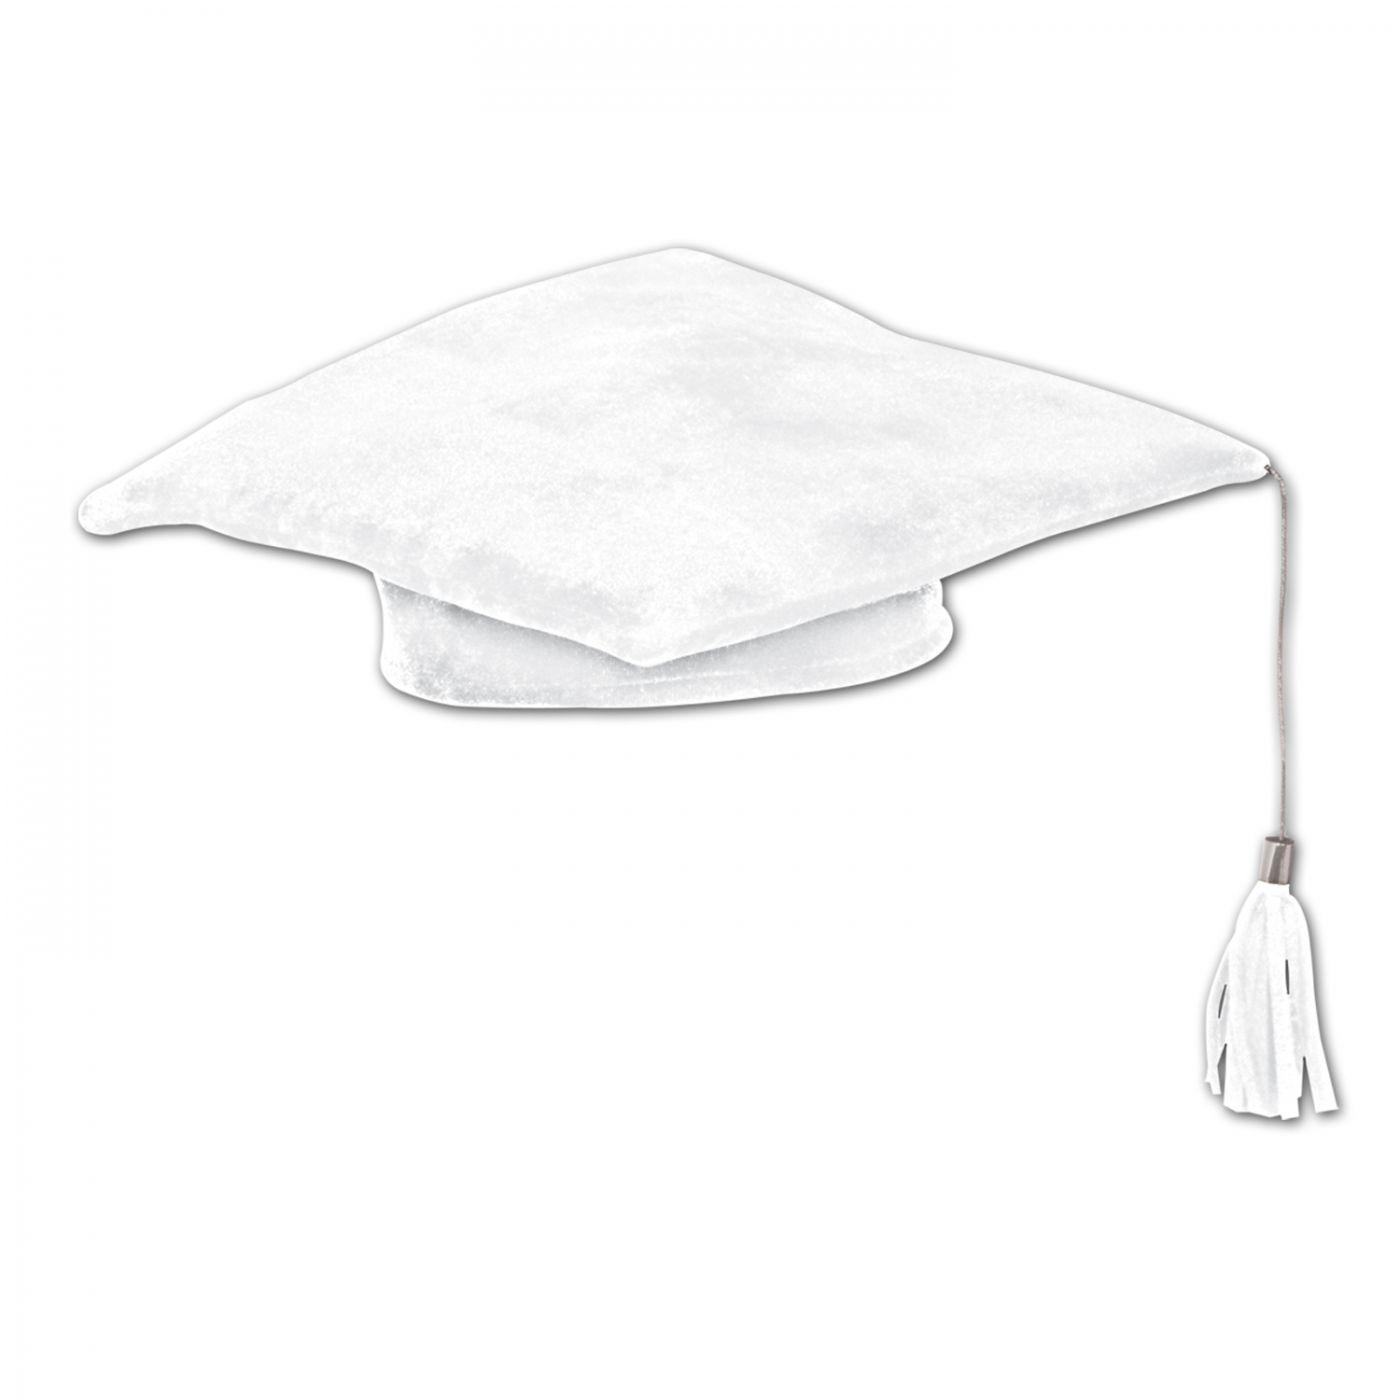 Plush Graduate Cap image